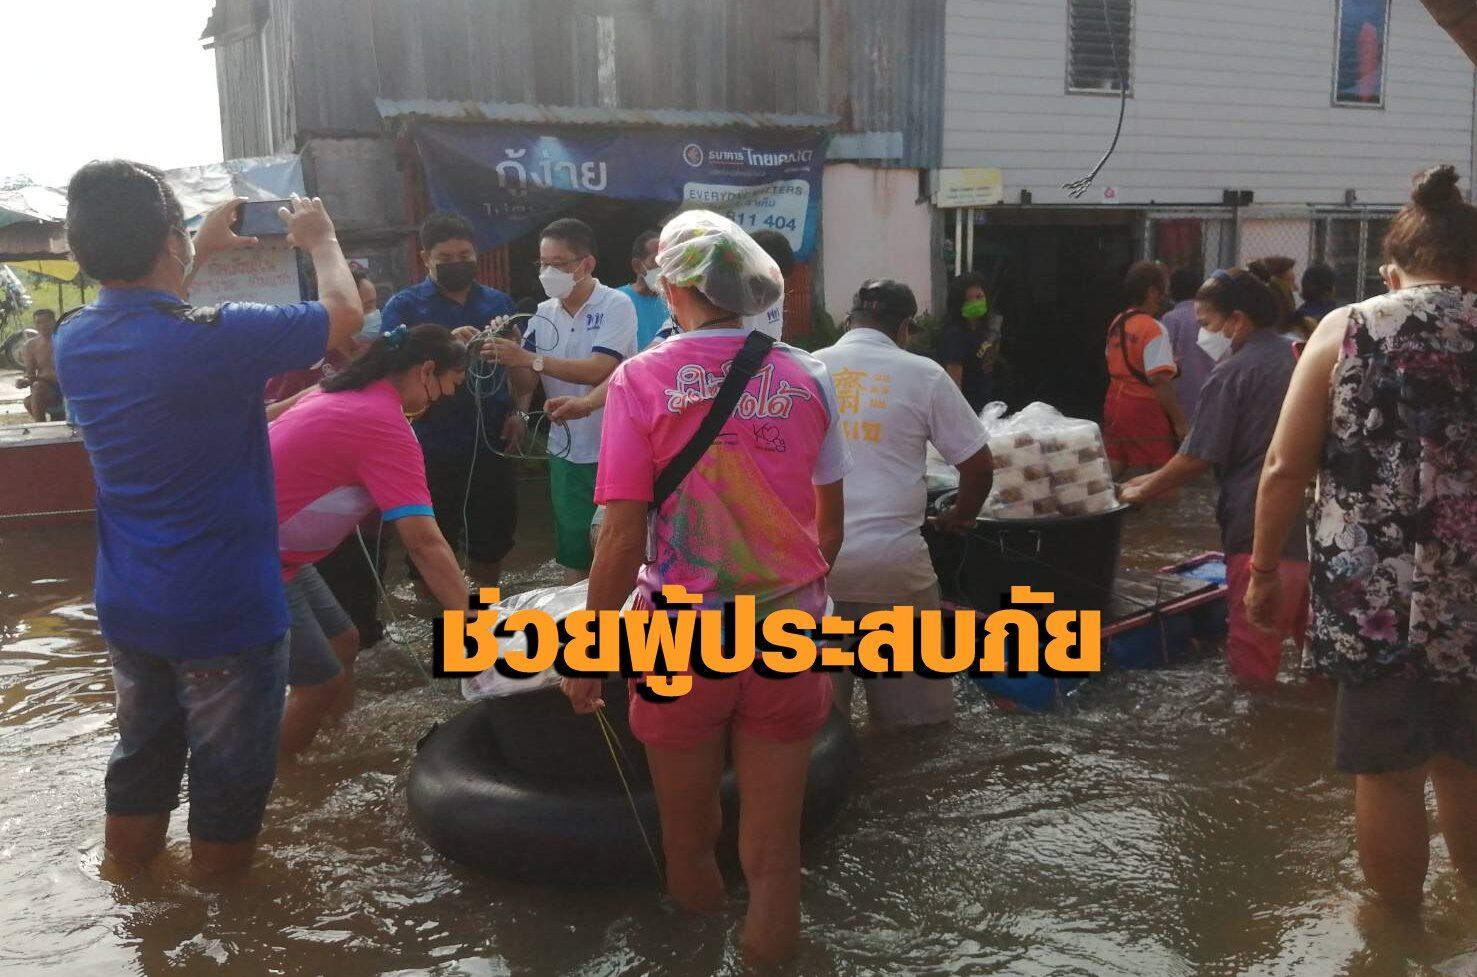 """""""เลขาเพื่อไทย-ทีม ส.ส.ชัยภูมิ"""" ลงพื้นที่ช่วยปชช.ประสบภัยน้ำท่วม"""